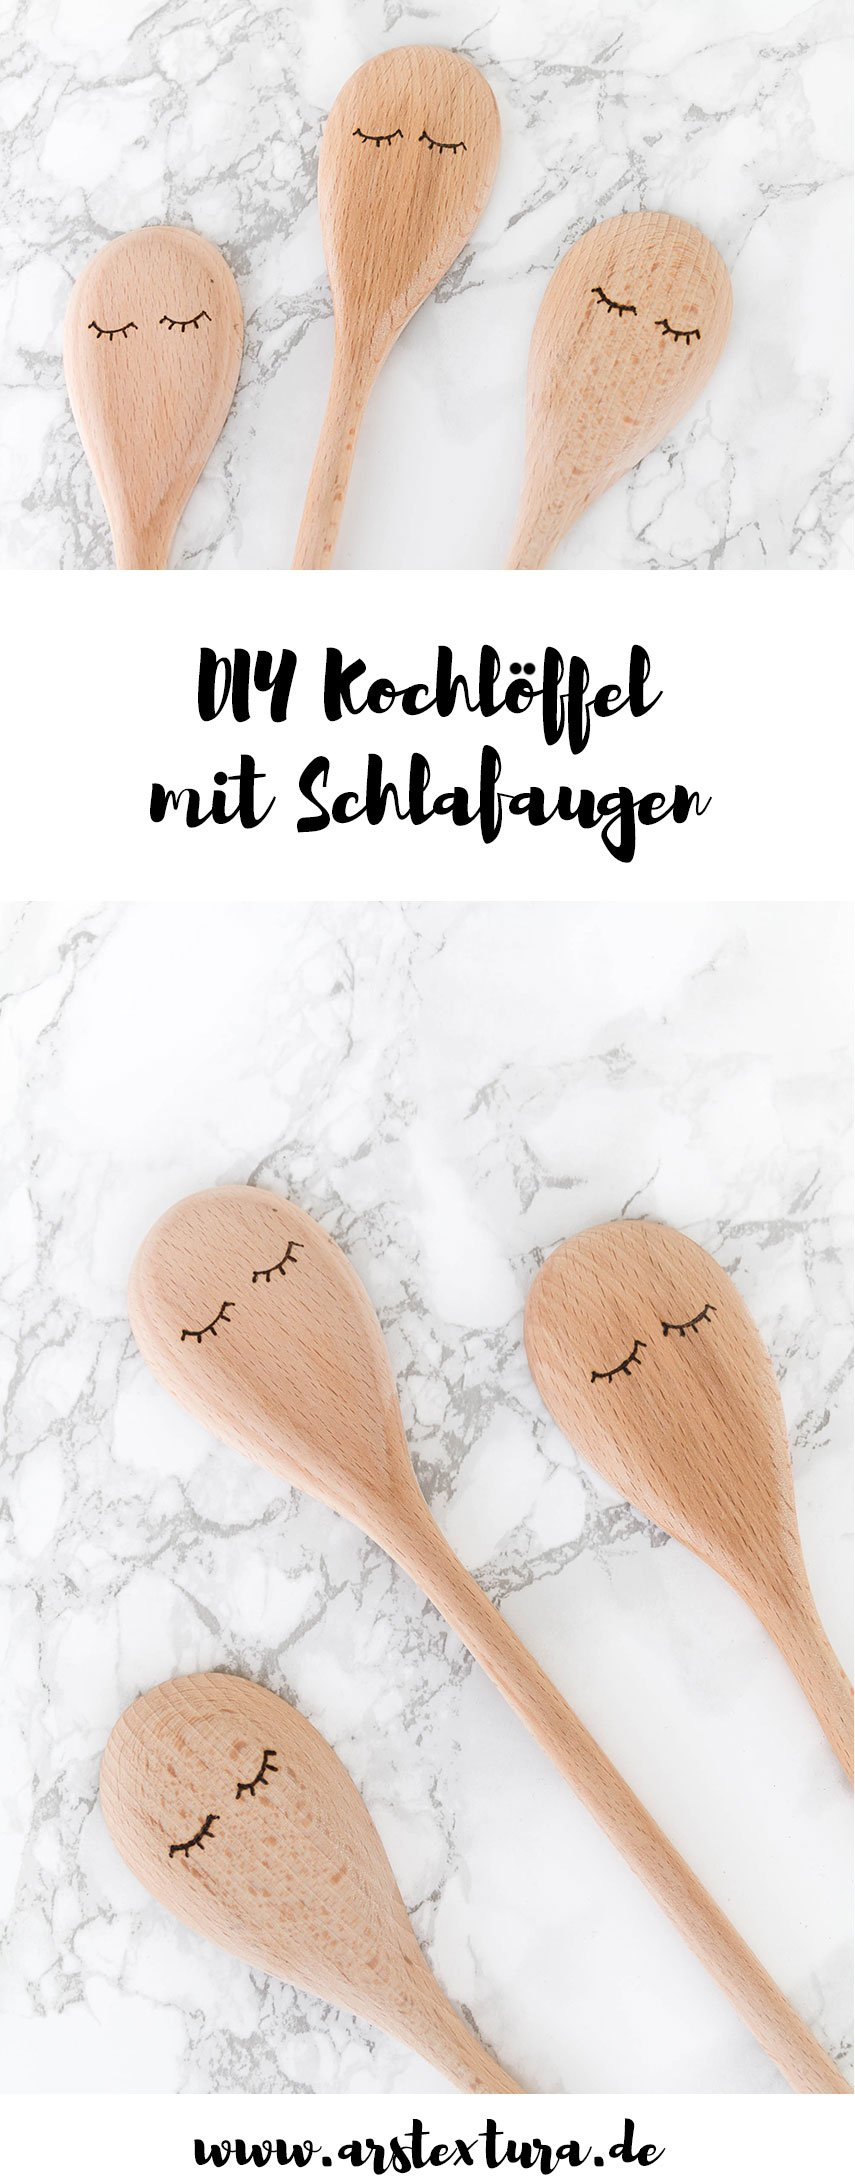 DIY Geschenk: Kochlöffel mit Schlafaugen